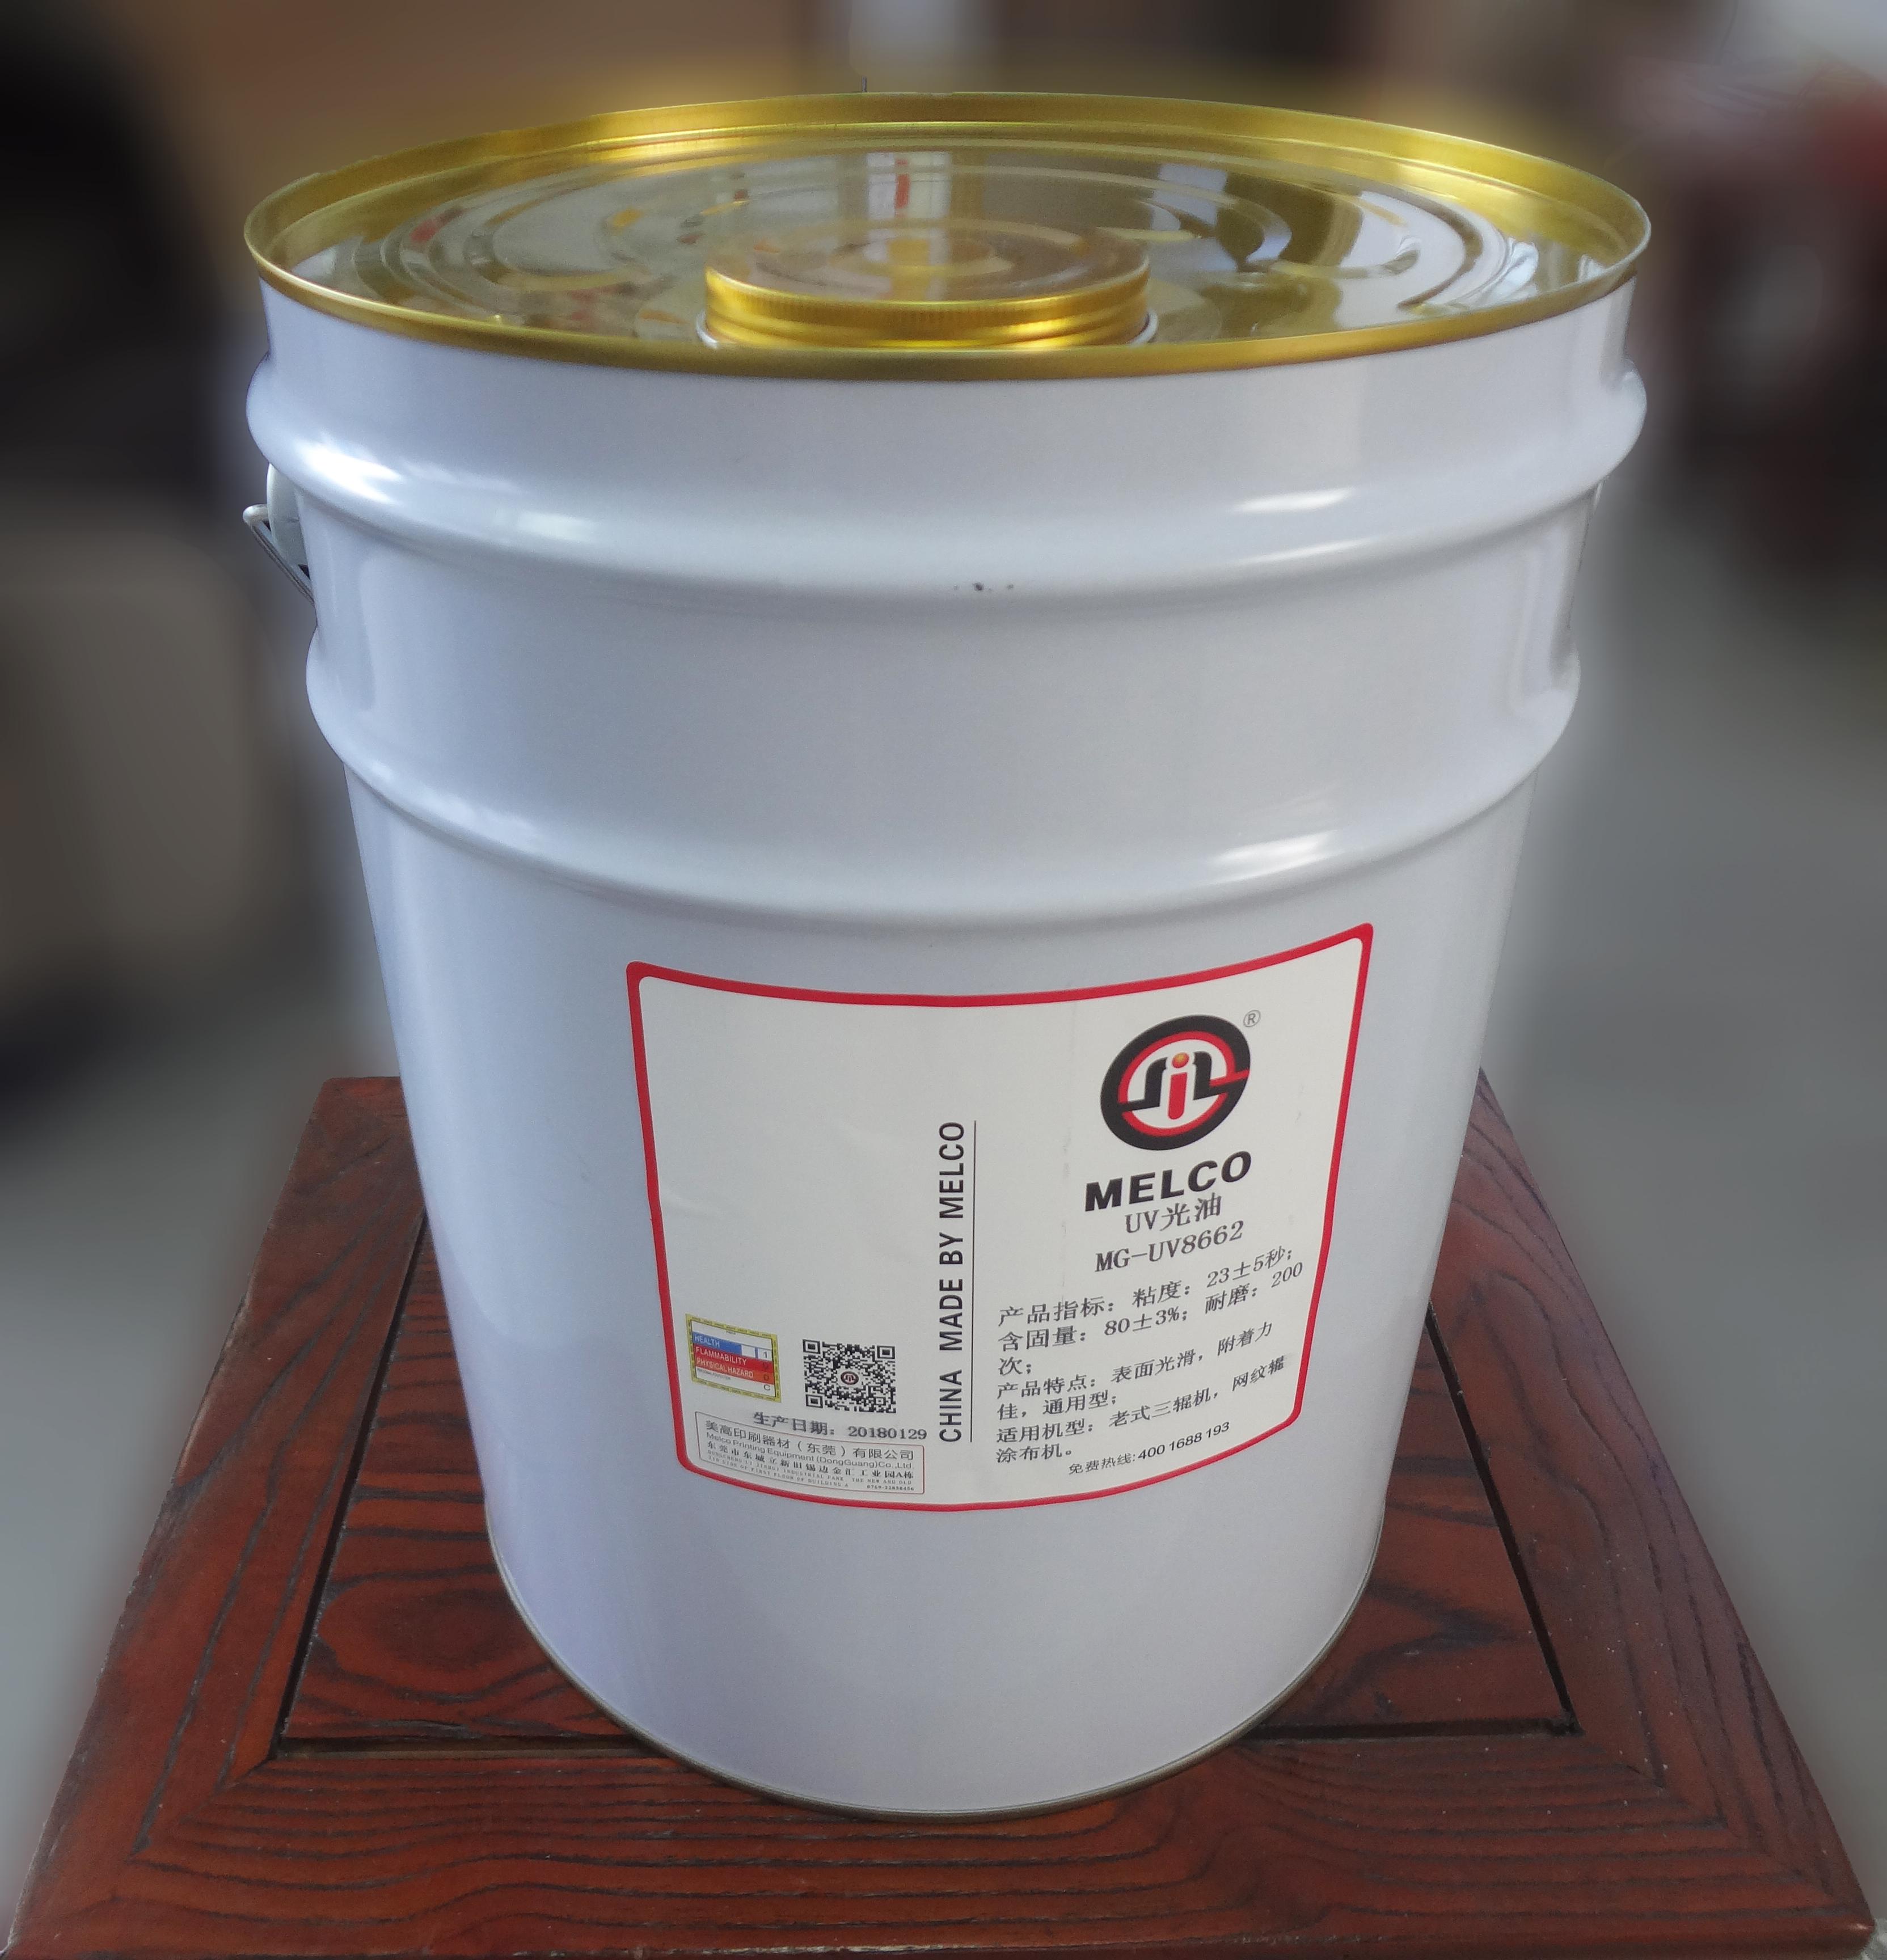 厂家直销 印刷纸品用光油 上光 过油 MG8662